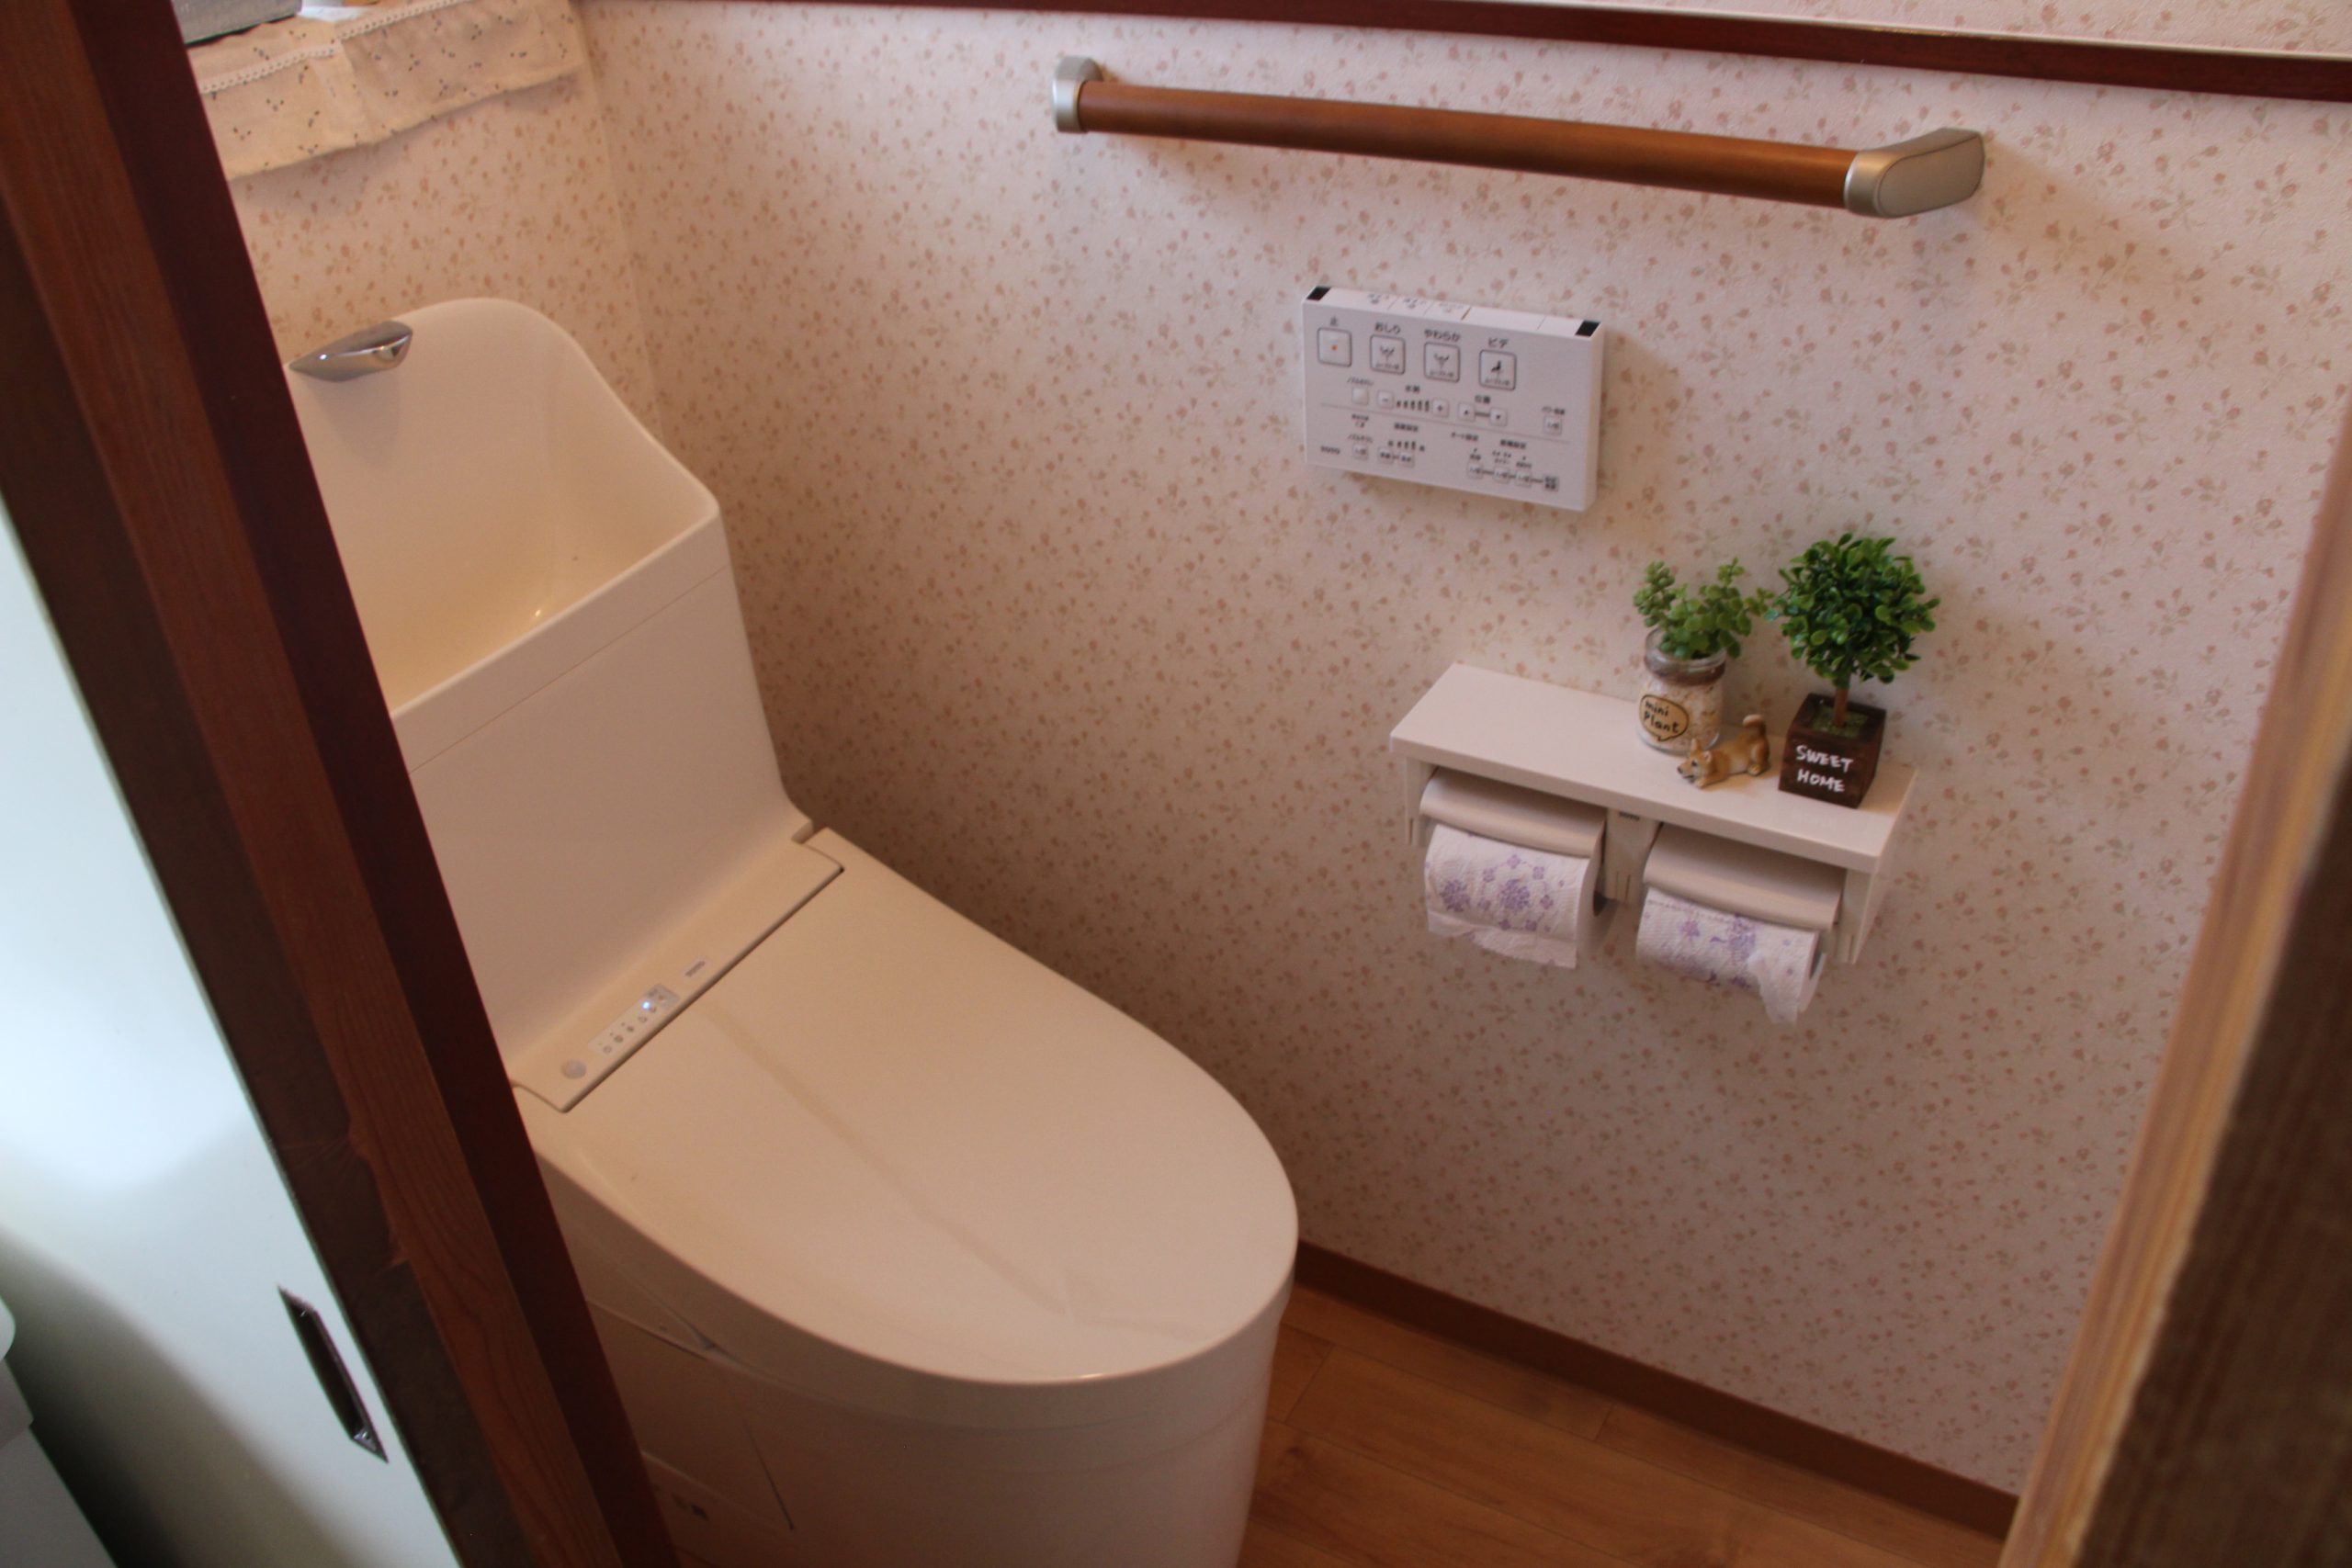 2020年 S様邸トイレ改修工事